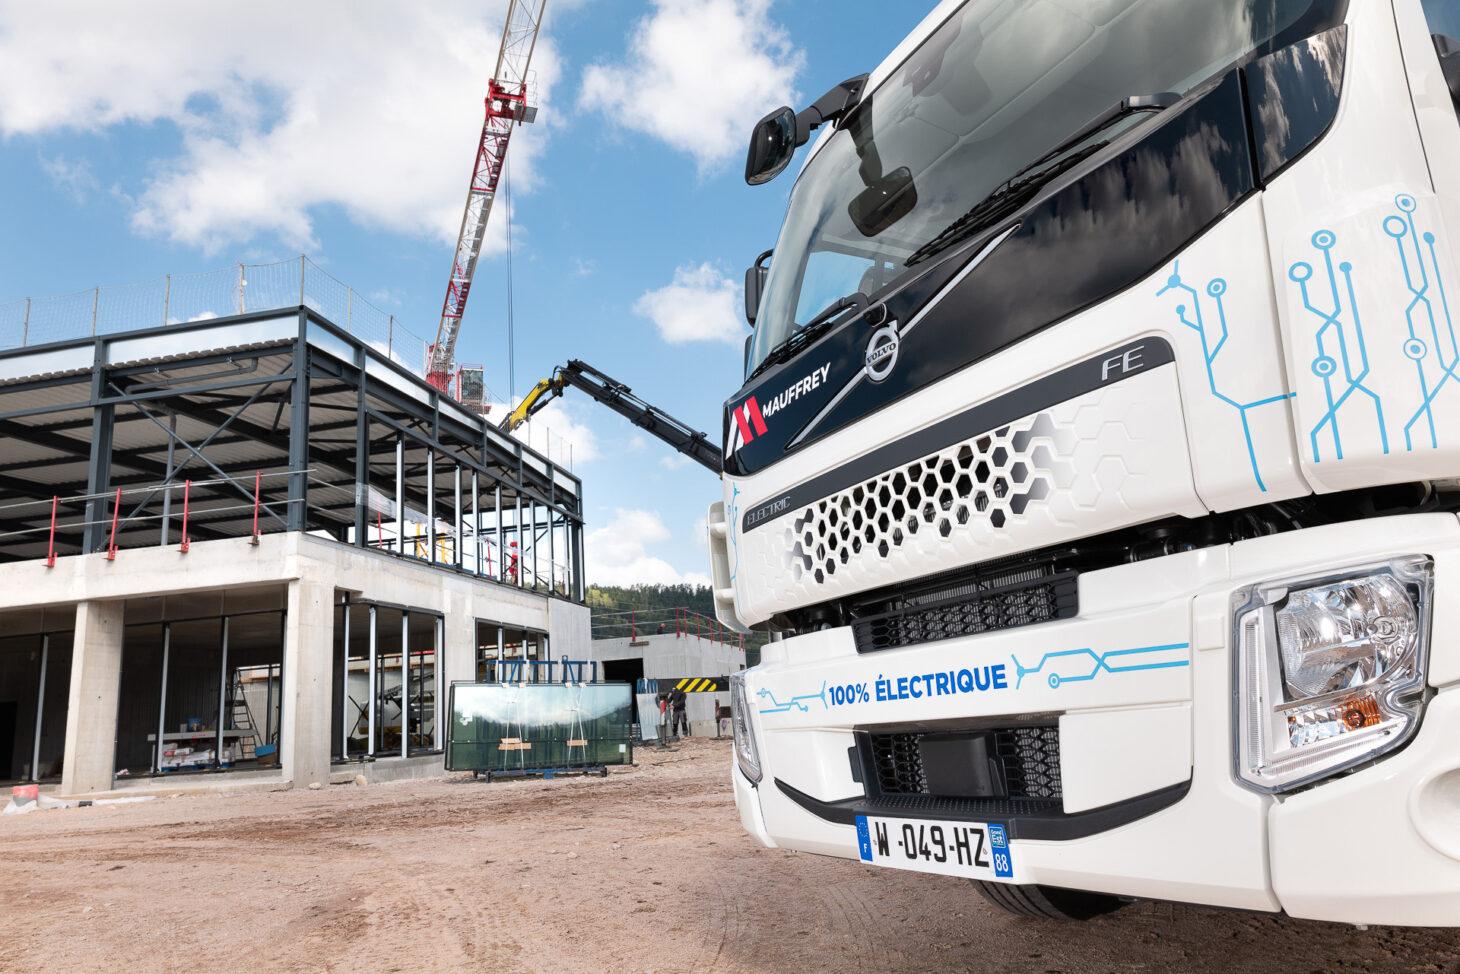 Groupe-Mauffrey-blog-Materiel-roulant-porteur-electrique-en-situation-exterieur-Academy-chantier-Mai-2021